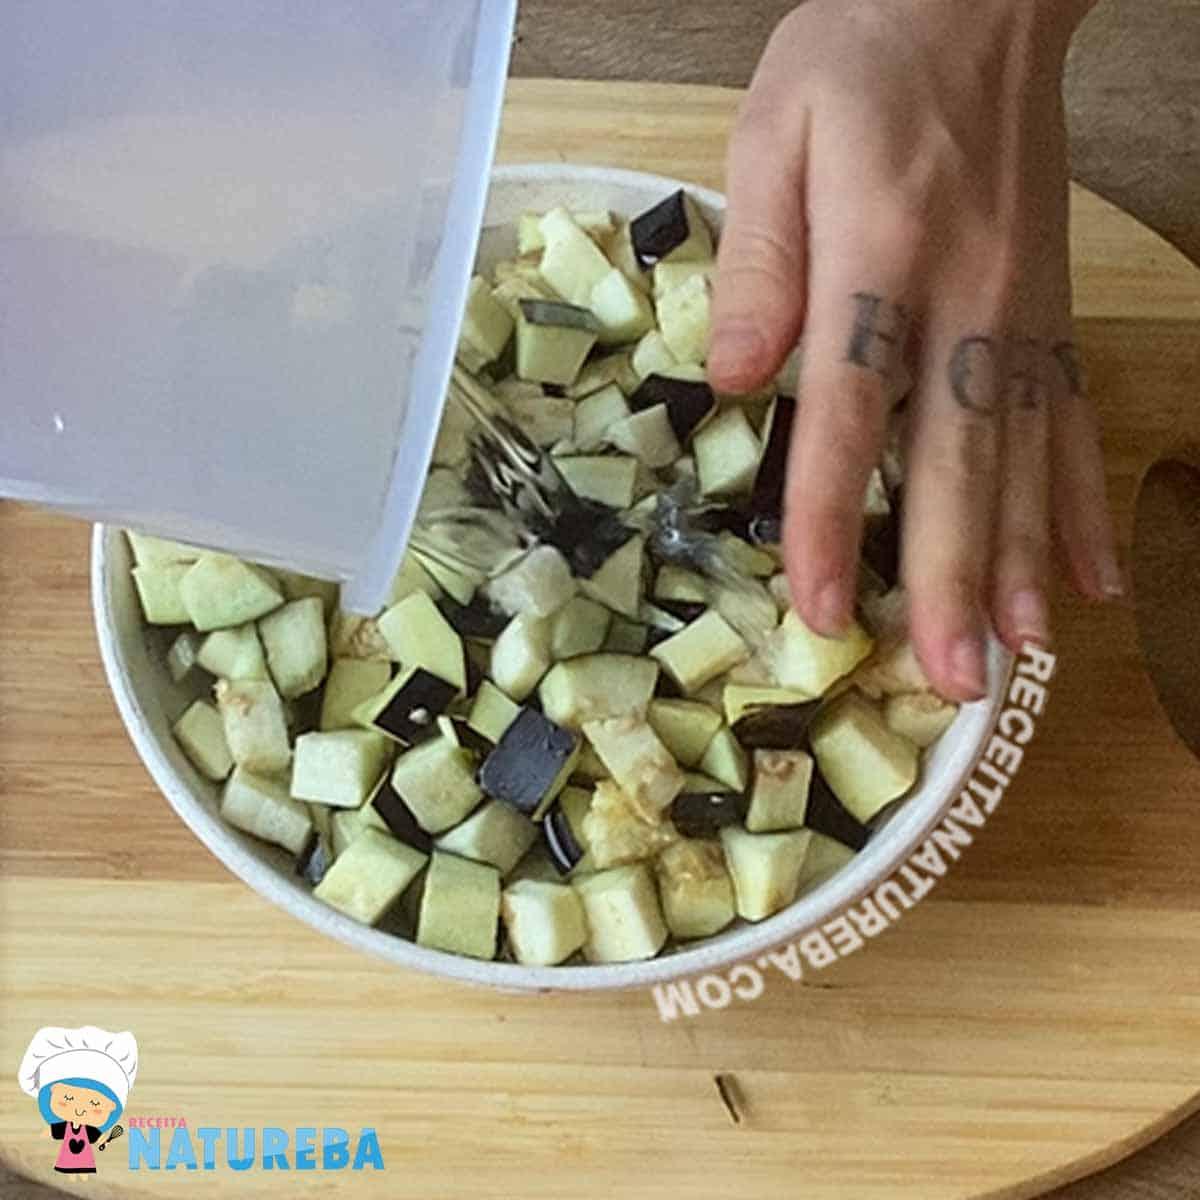 colocando-a-berinjela-picada-dentro-de-um-recipiente-e-cobrindo-com-agua Caponata de Berinjela